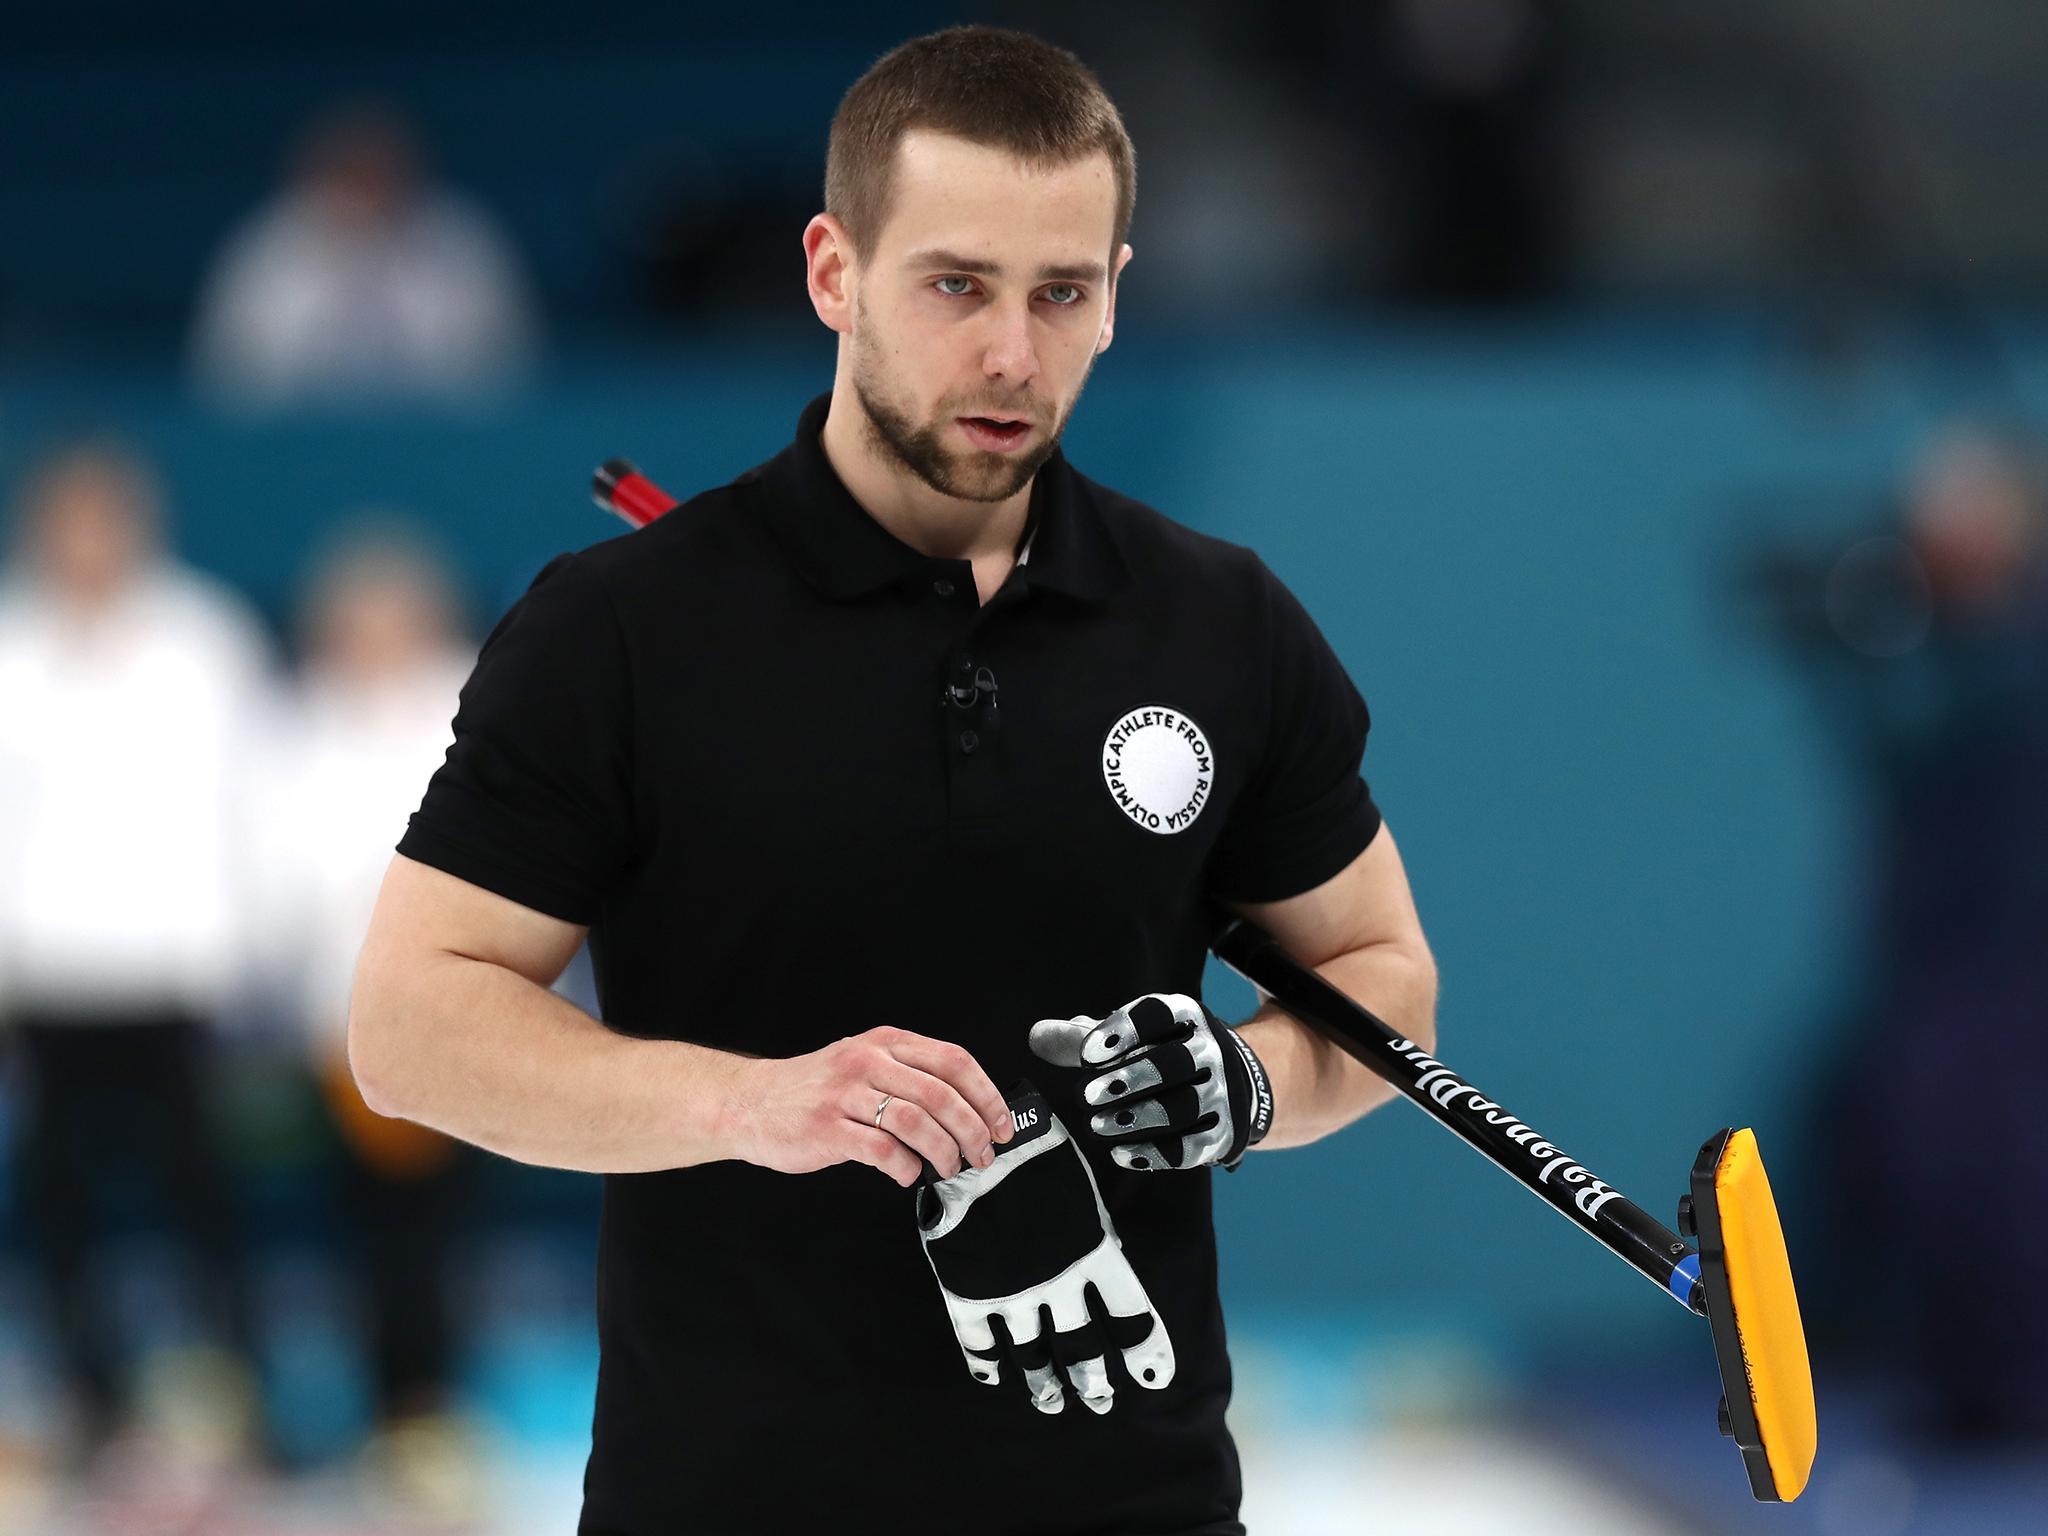 Alexander Krushelnitsky now 30